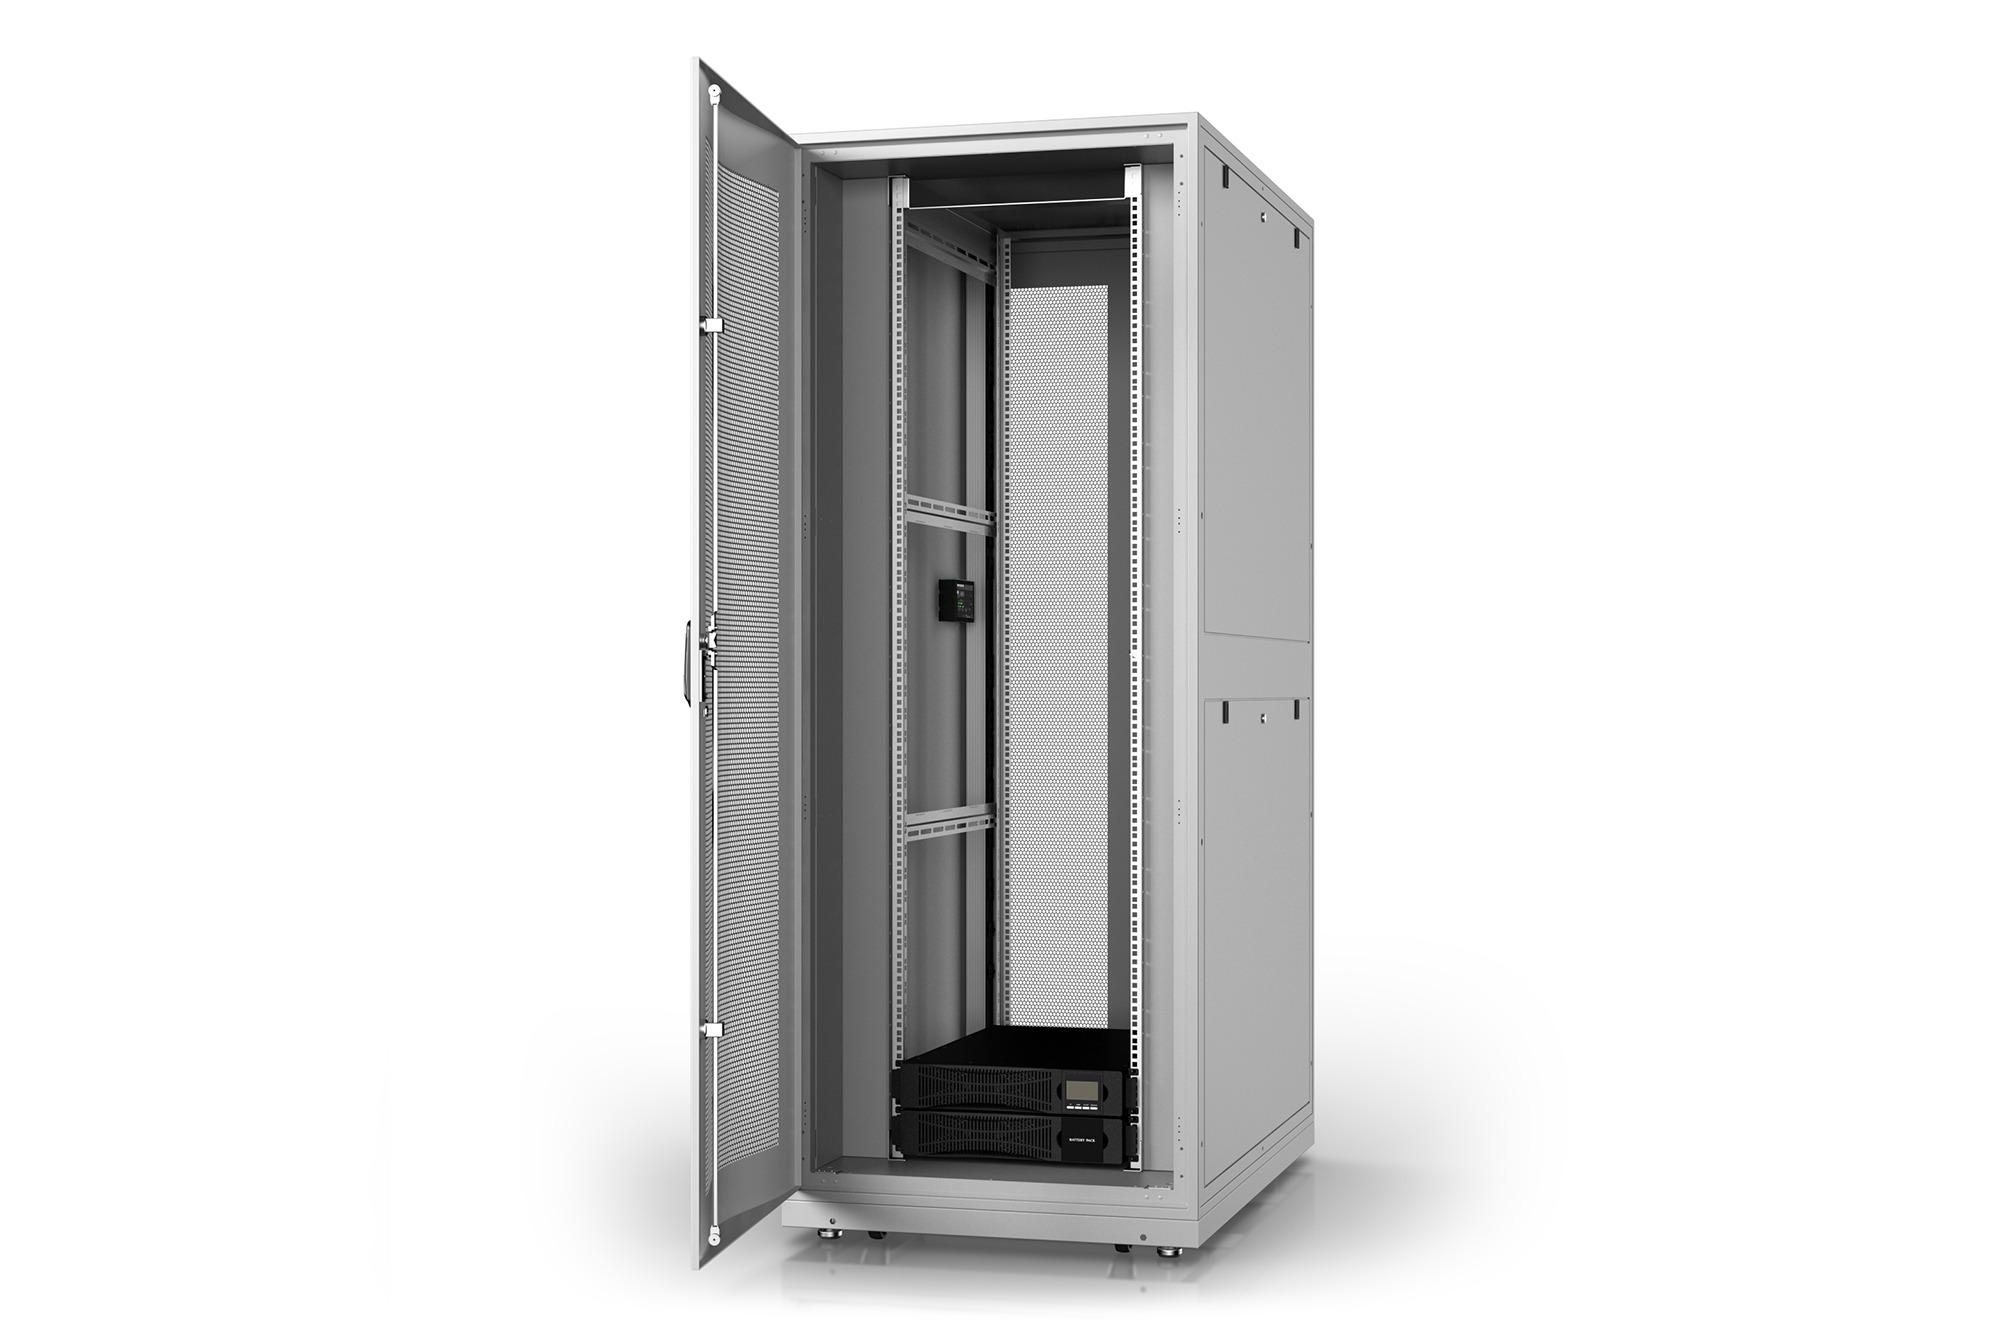 Armadio rack 42u 600×1000 con gruppo di continuita' online 6000va/, multipresa smart, sensori temperatura, sensori porta e sistema monitoraggio